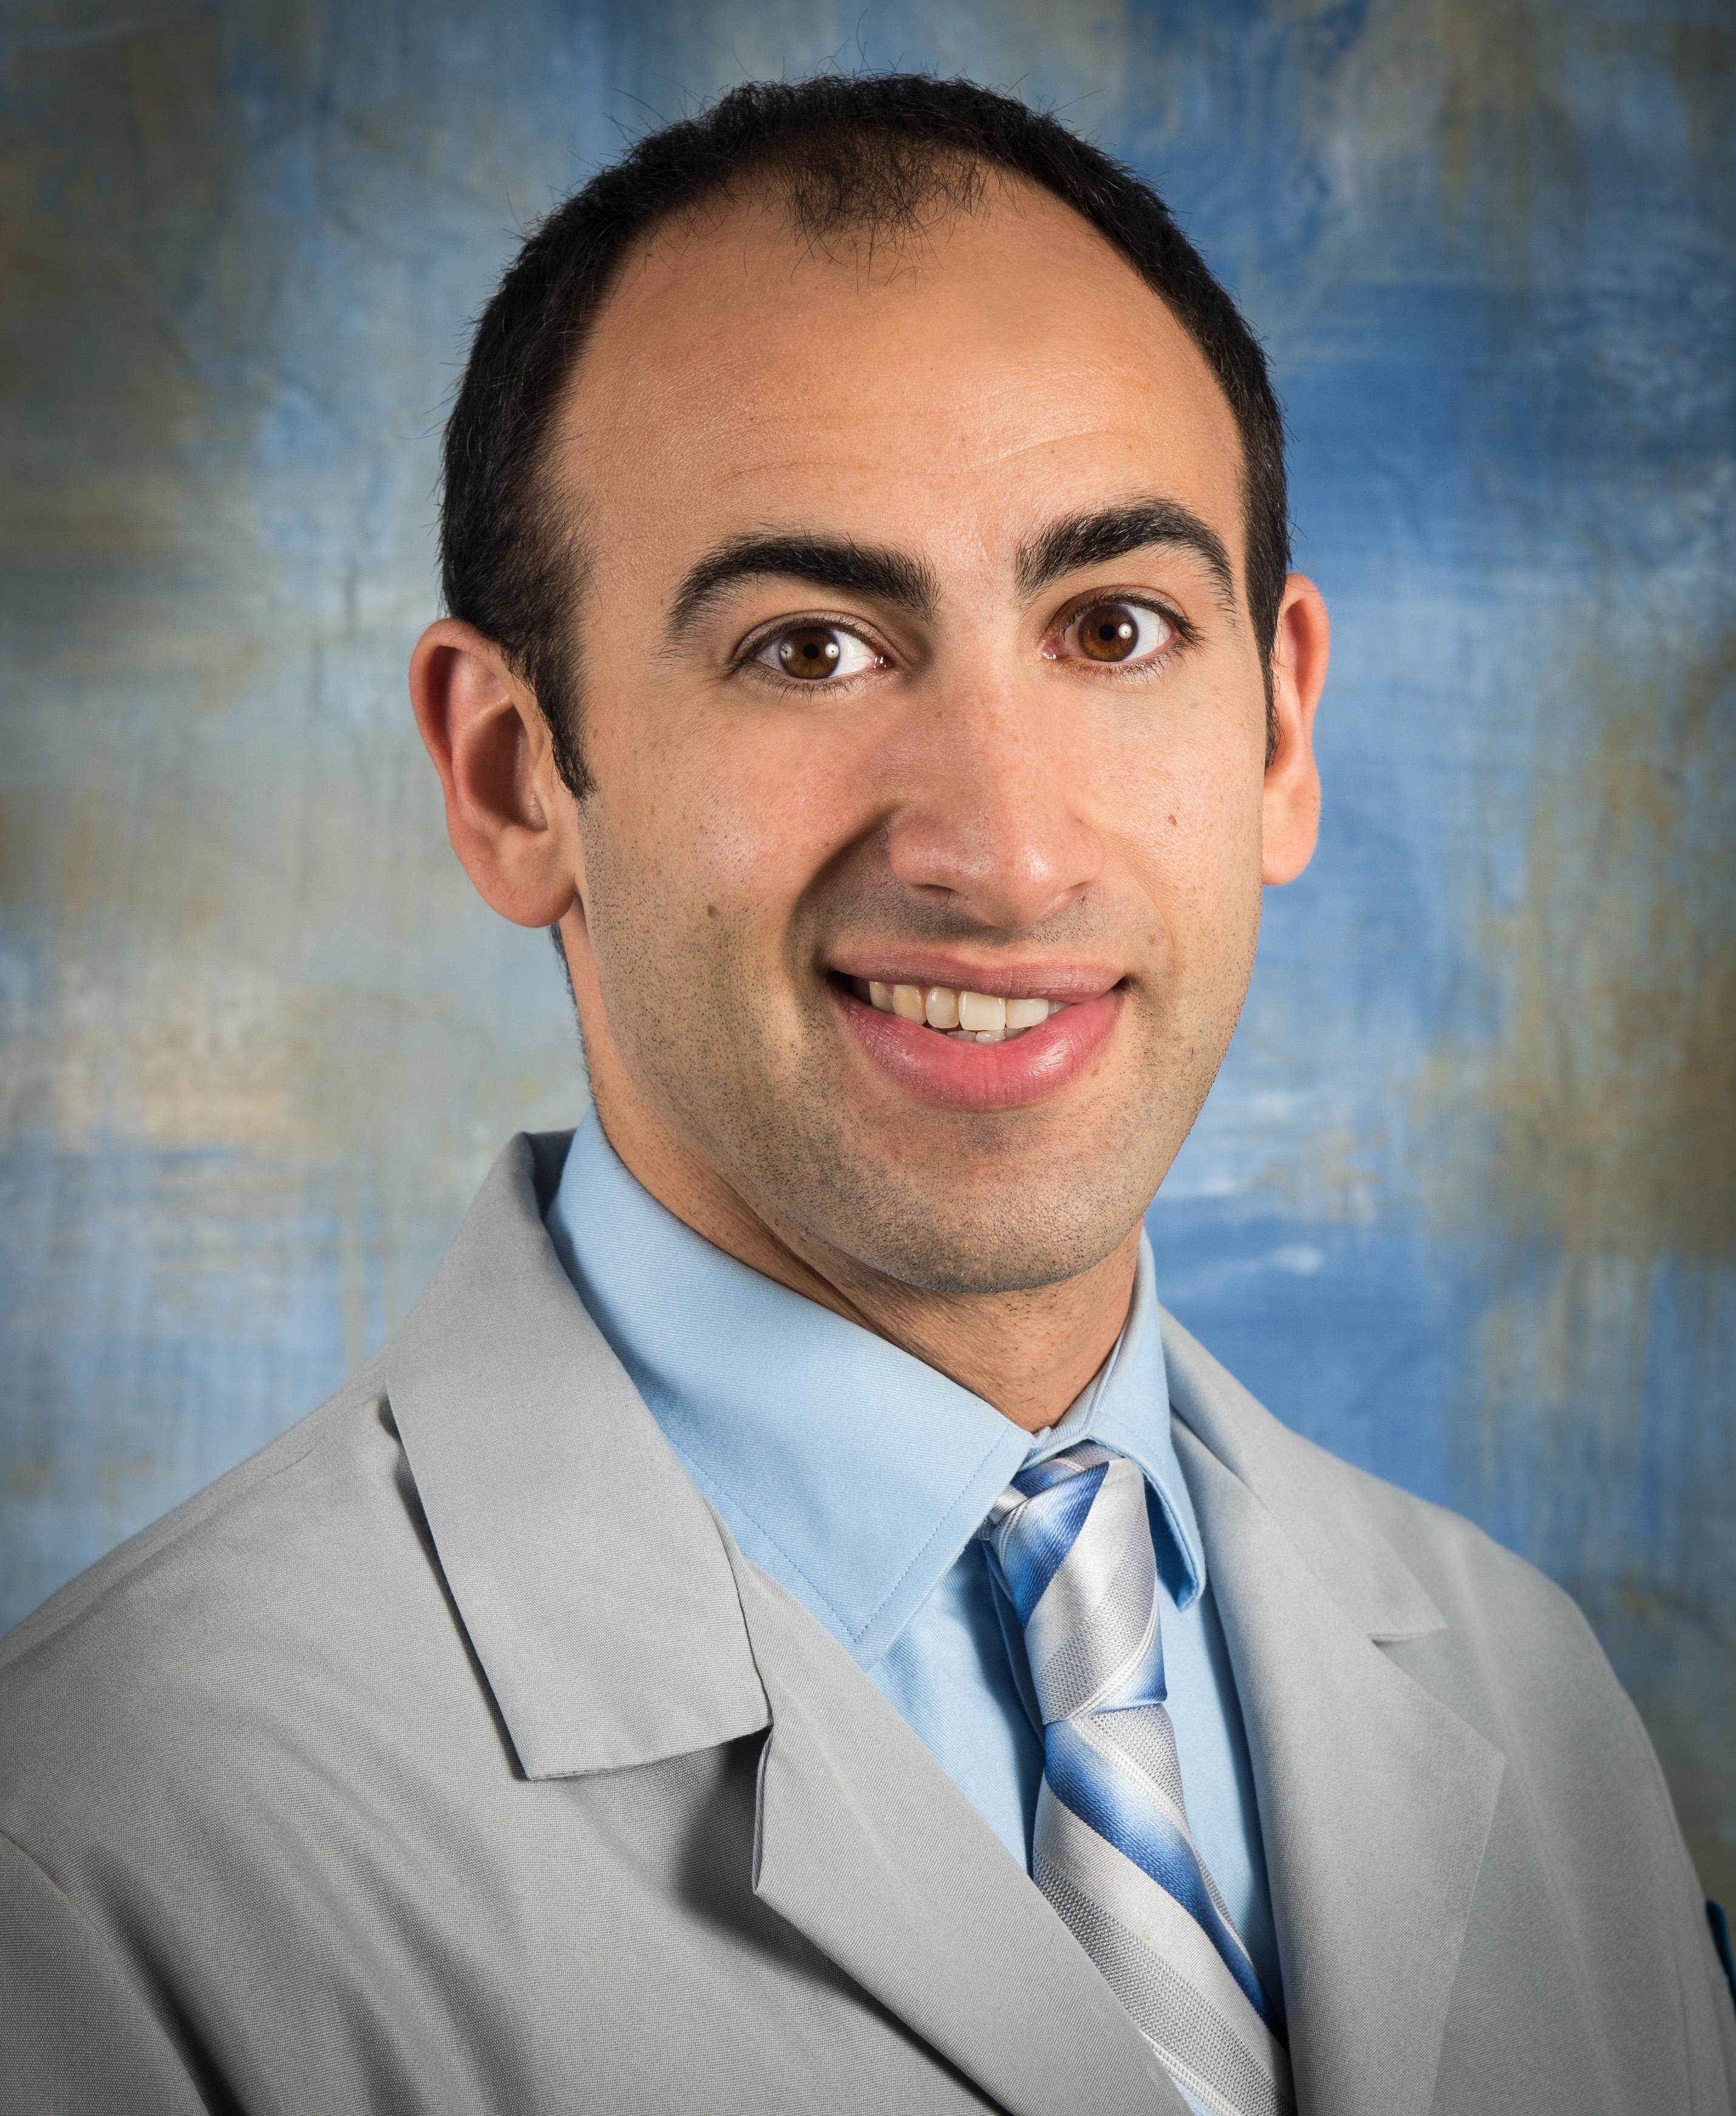 Ramez Haddadin, MD